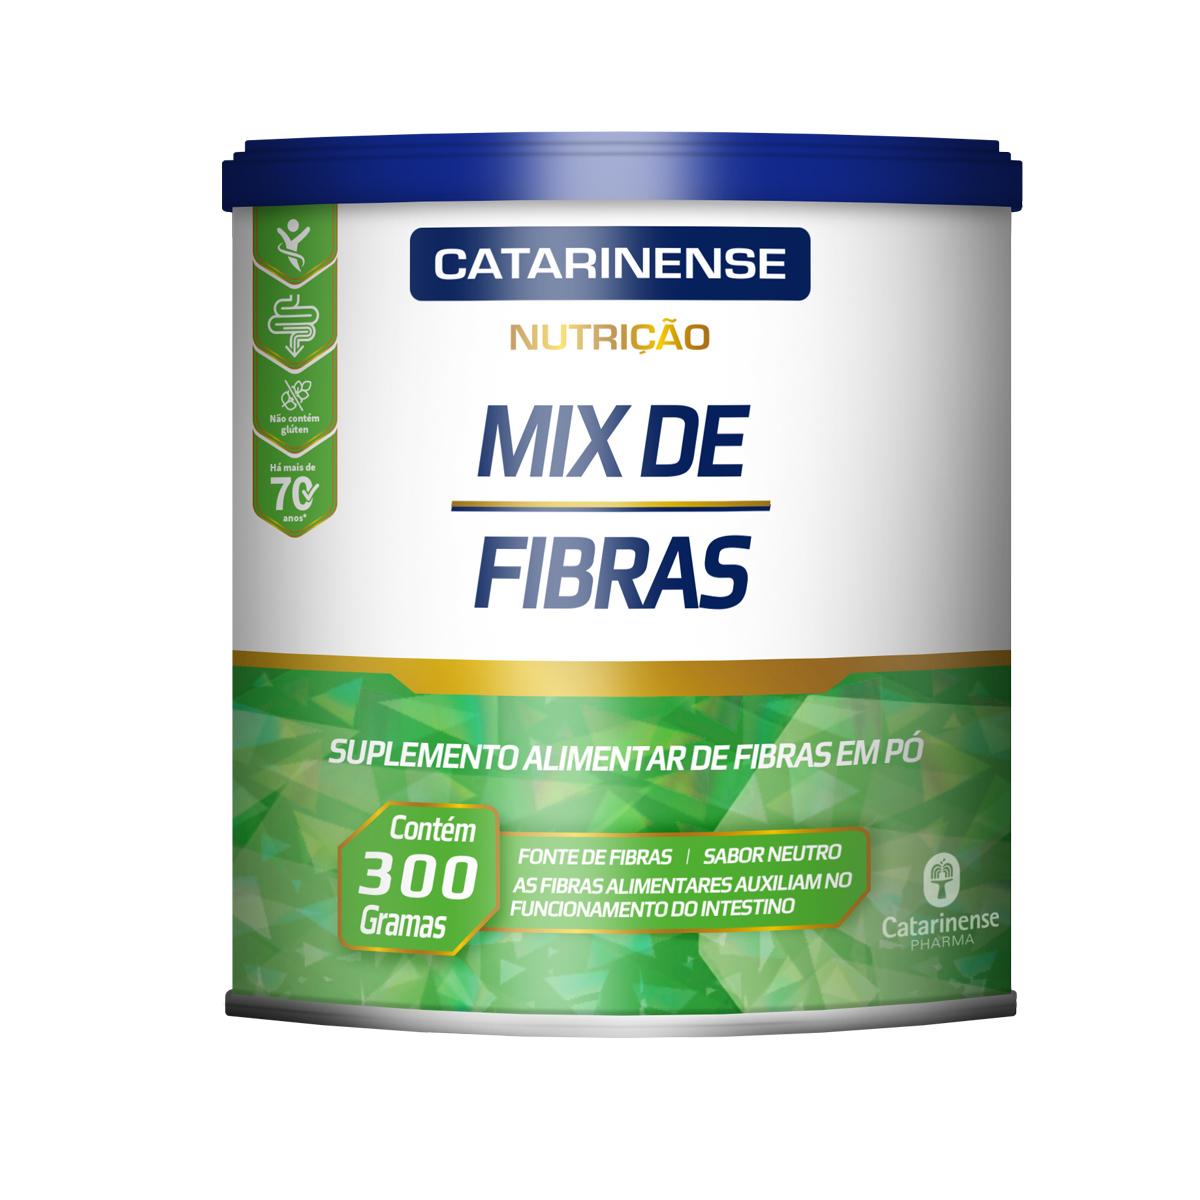 Mix de Fibras 300g - Catarinense